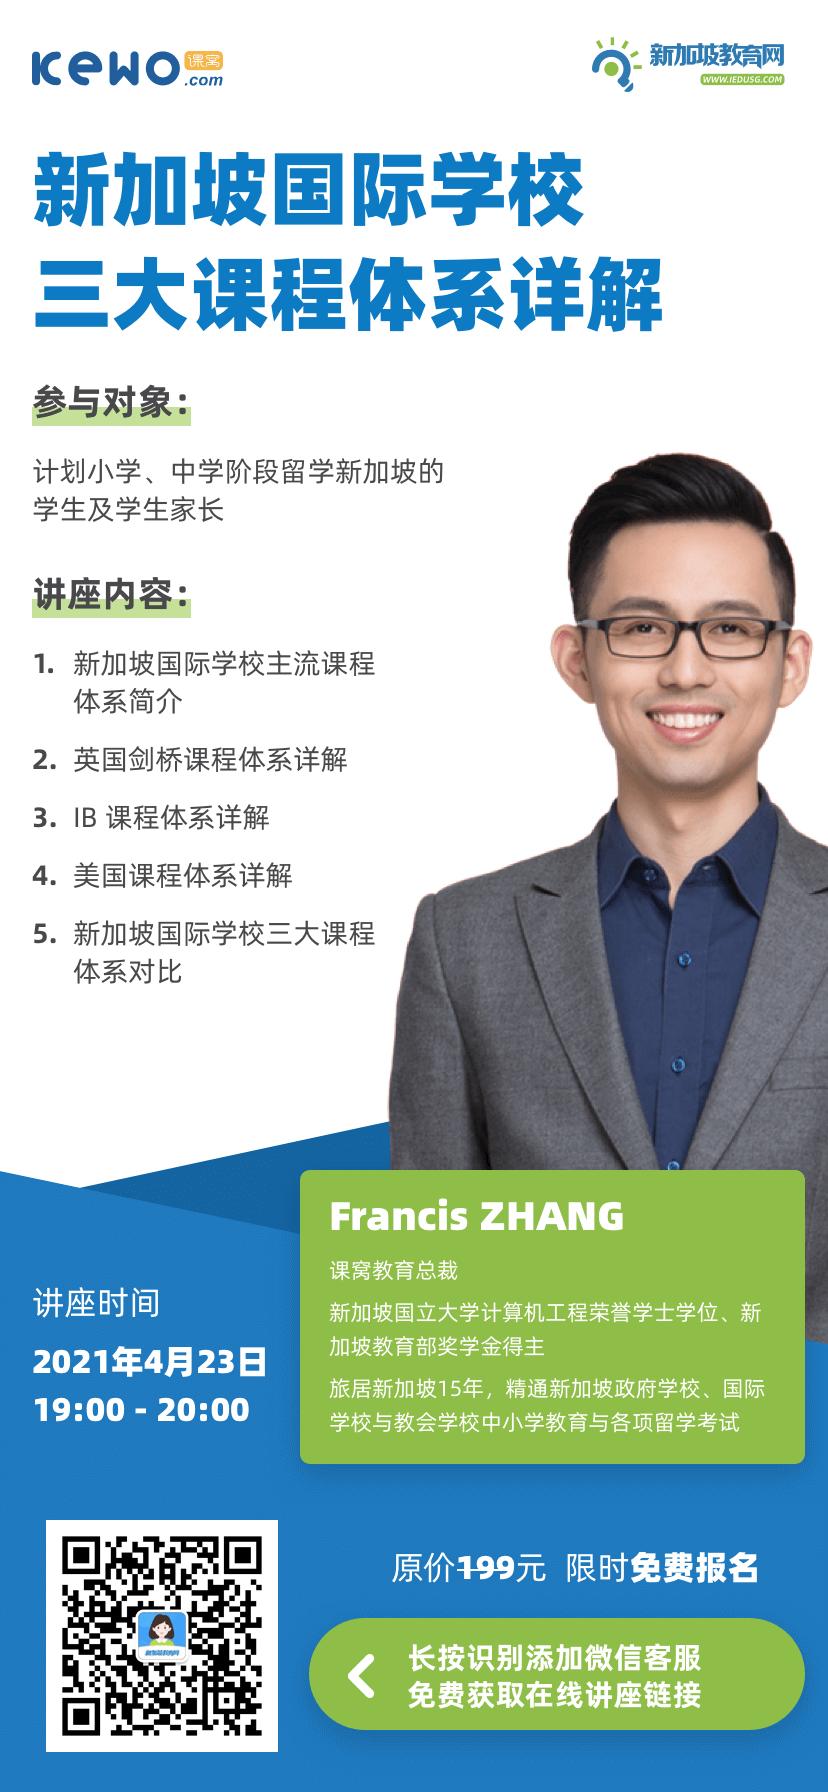 新加坡国际学校三大课程体系详解